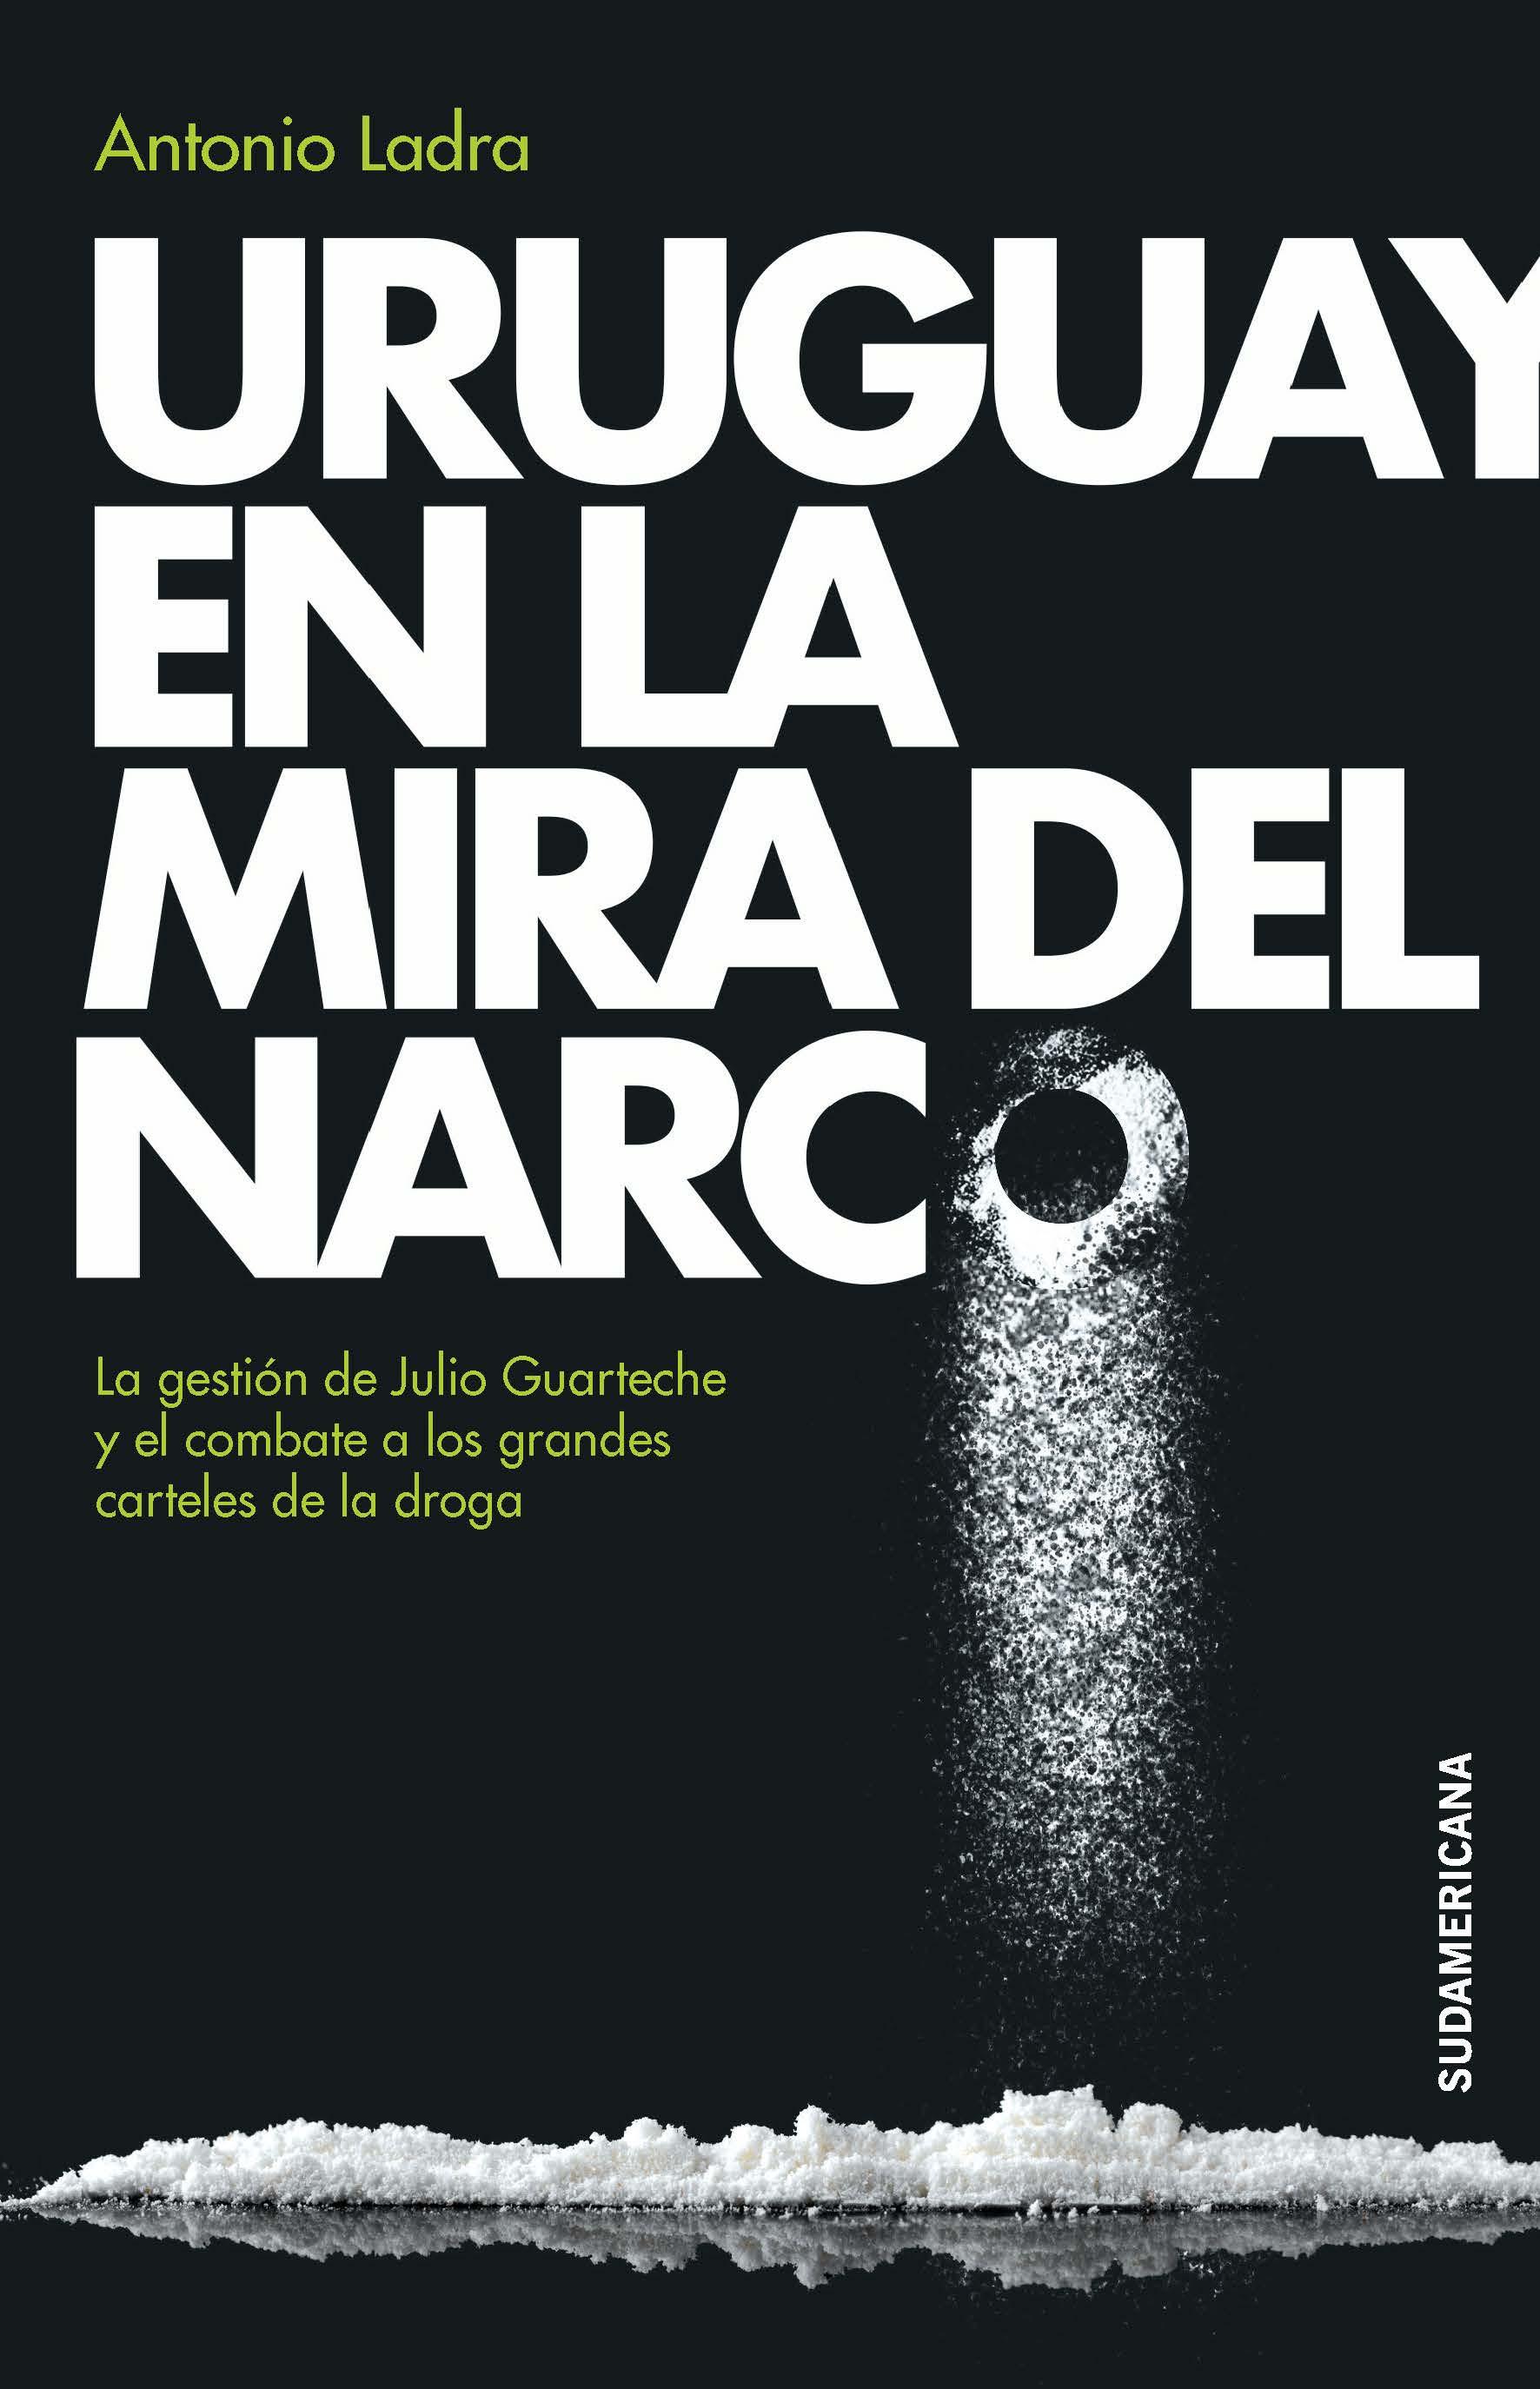 Uruguay en la mira del narco